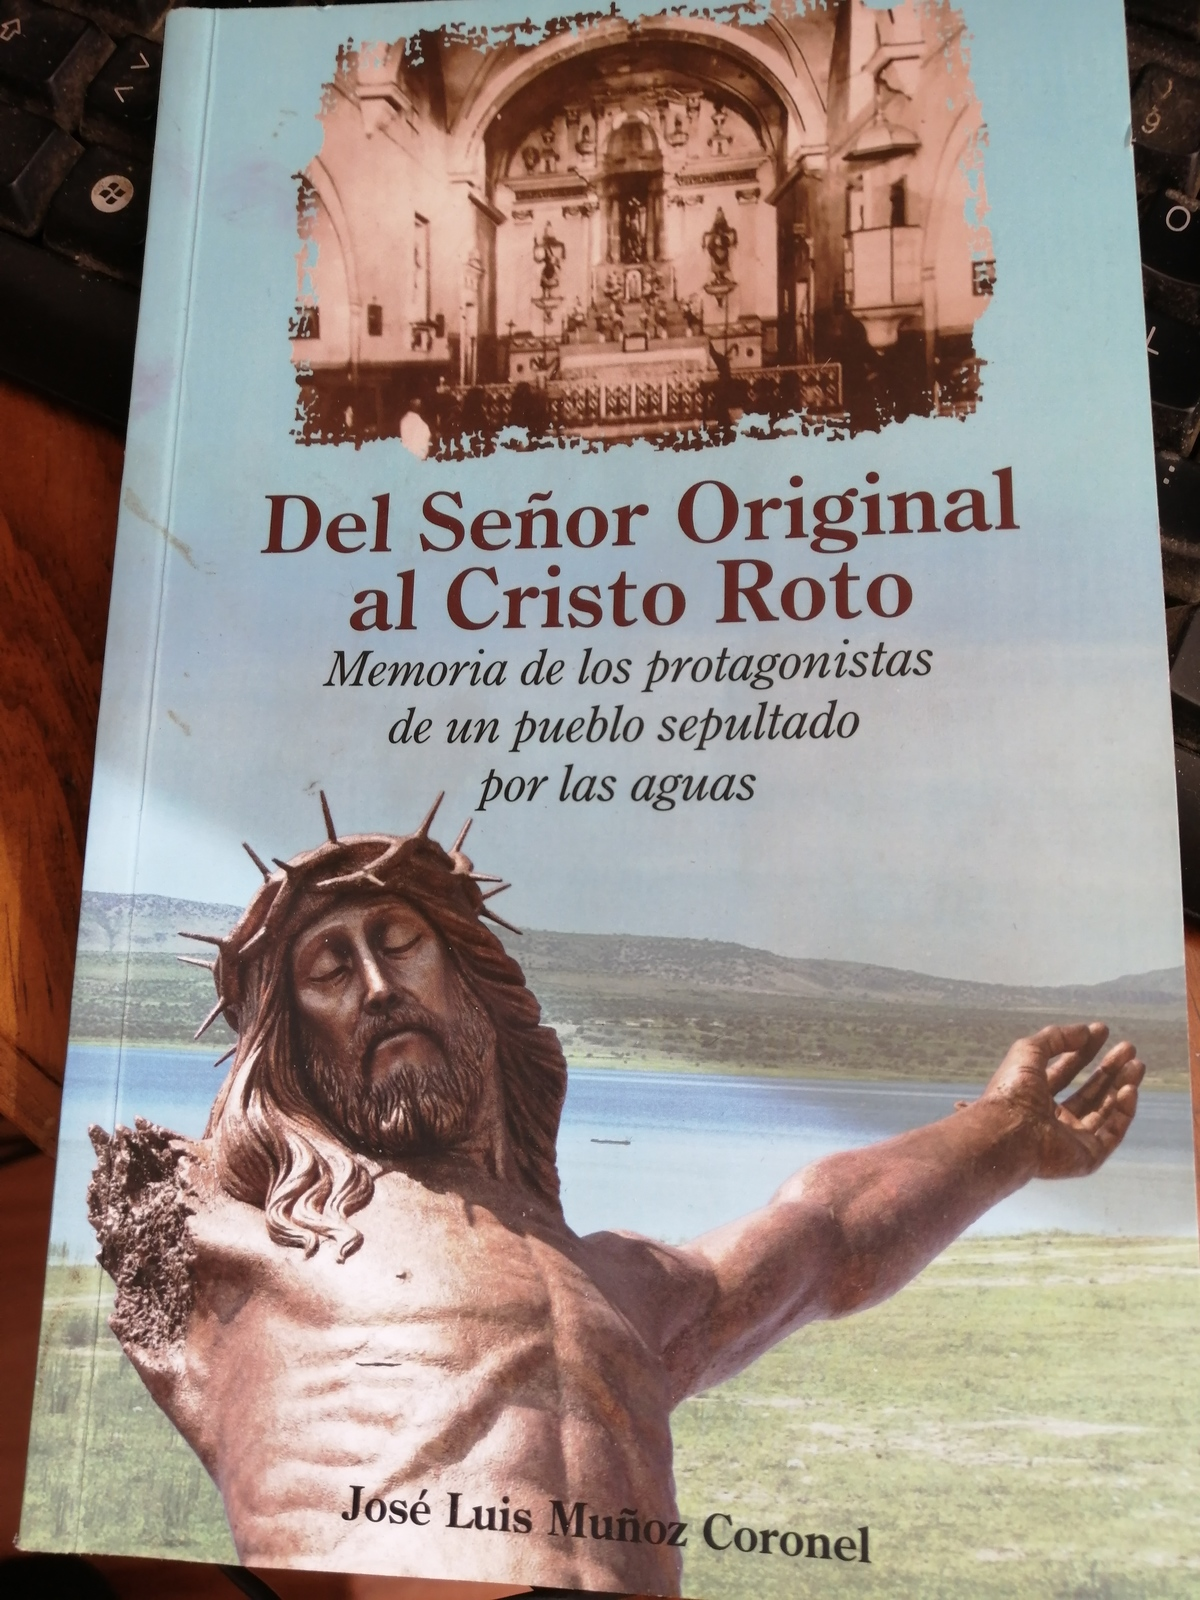 Del Señor Original al Cristo Roto